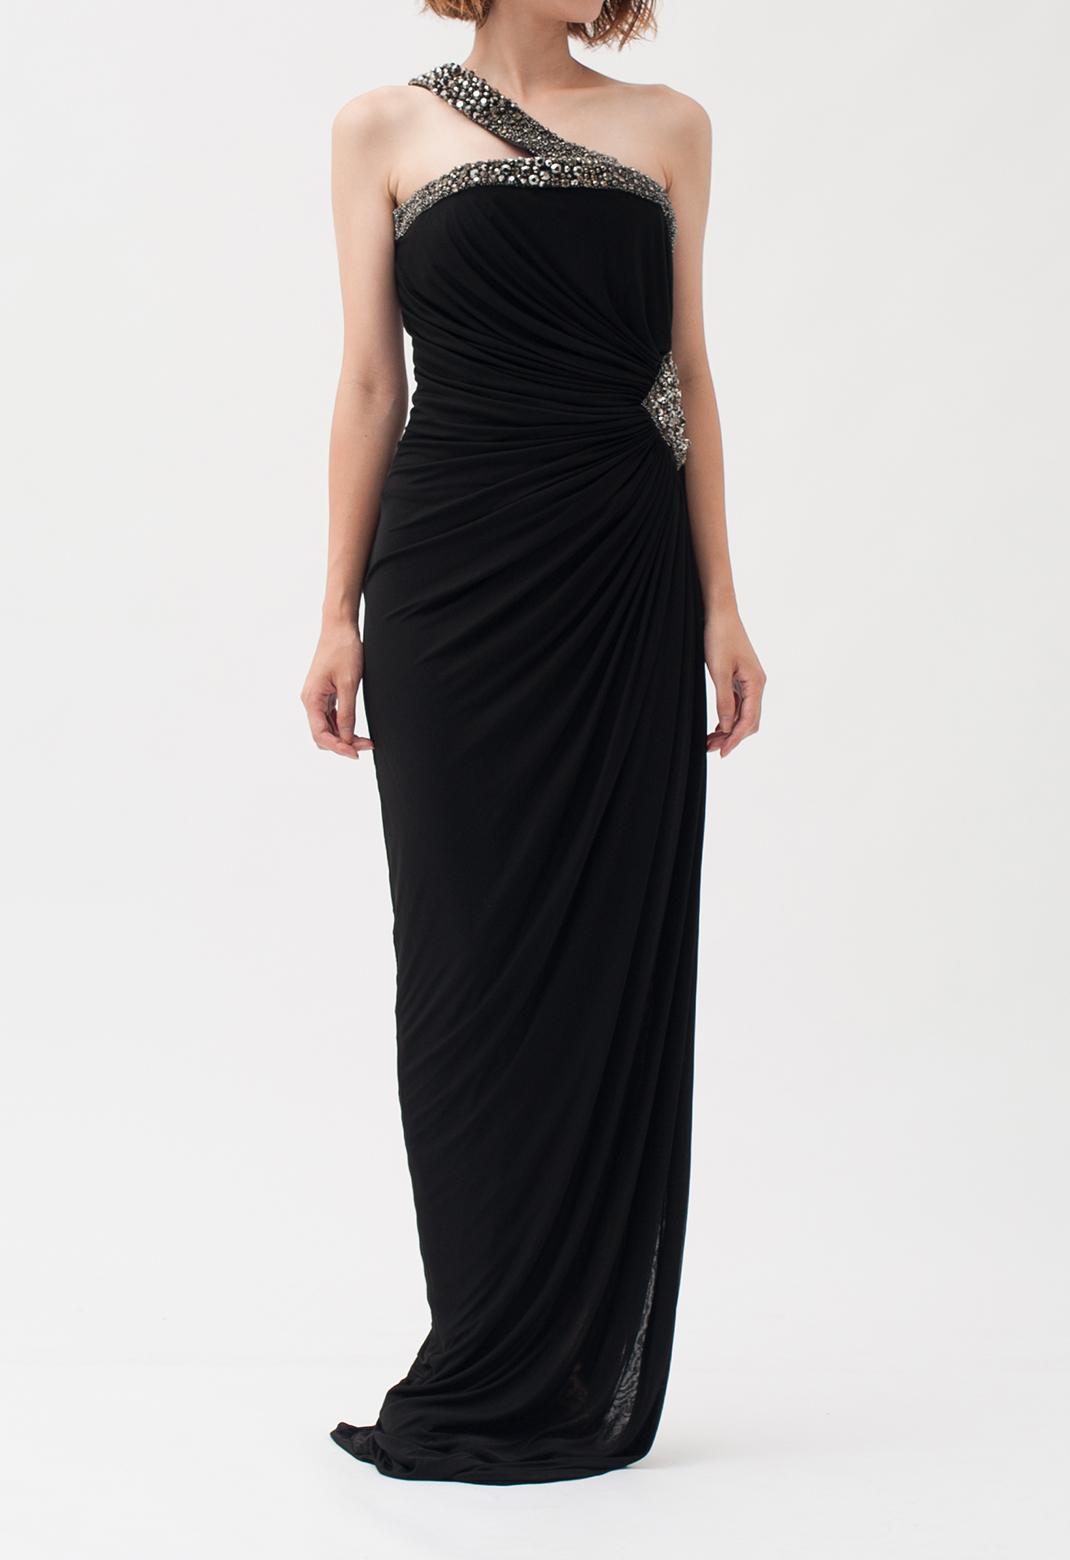 ビジュー飾り ワンショルダー ロング ドレス